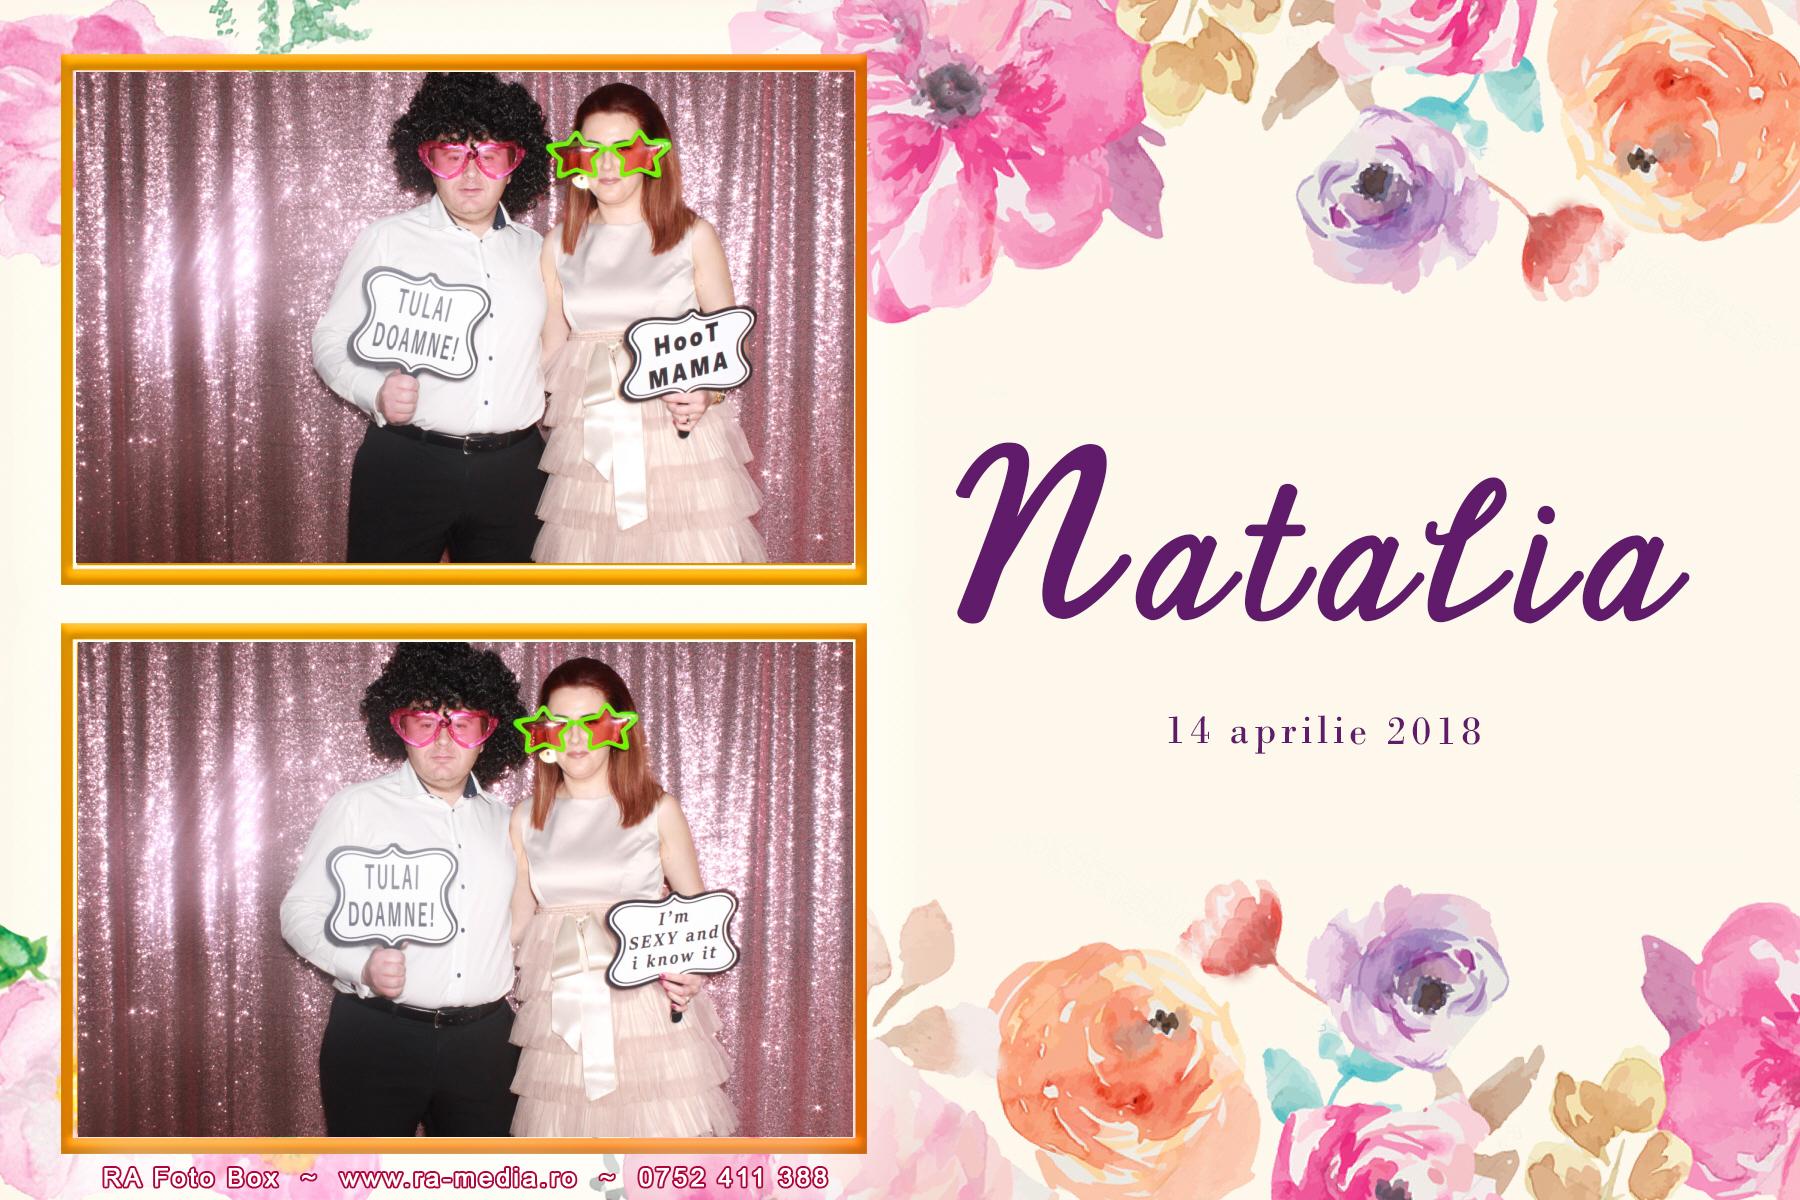 Botez Natalia